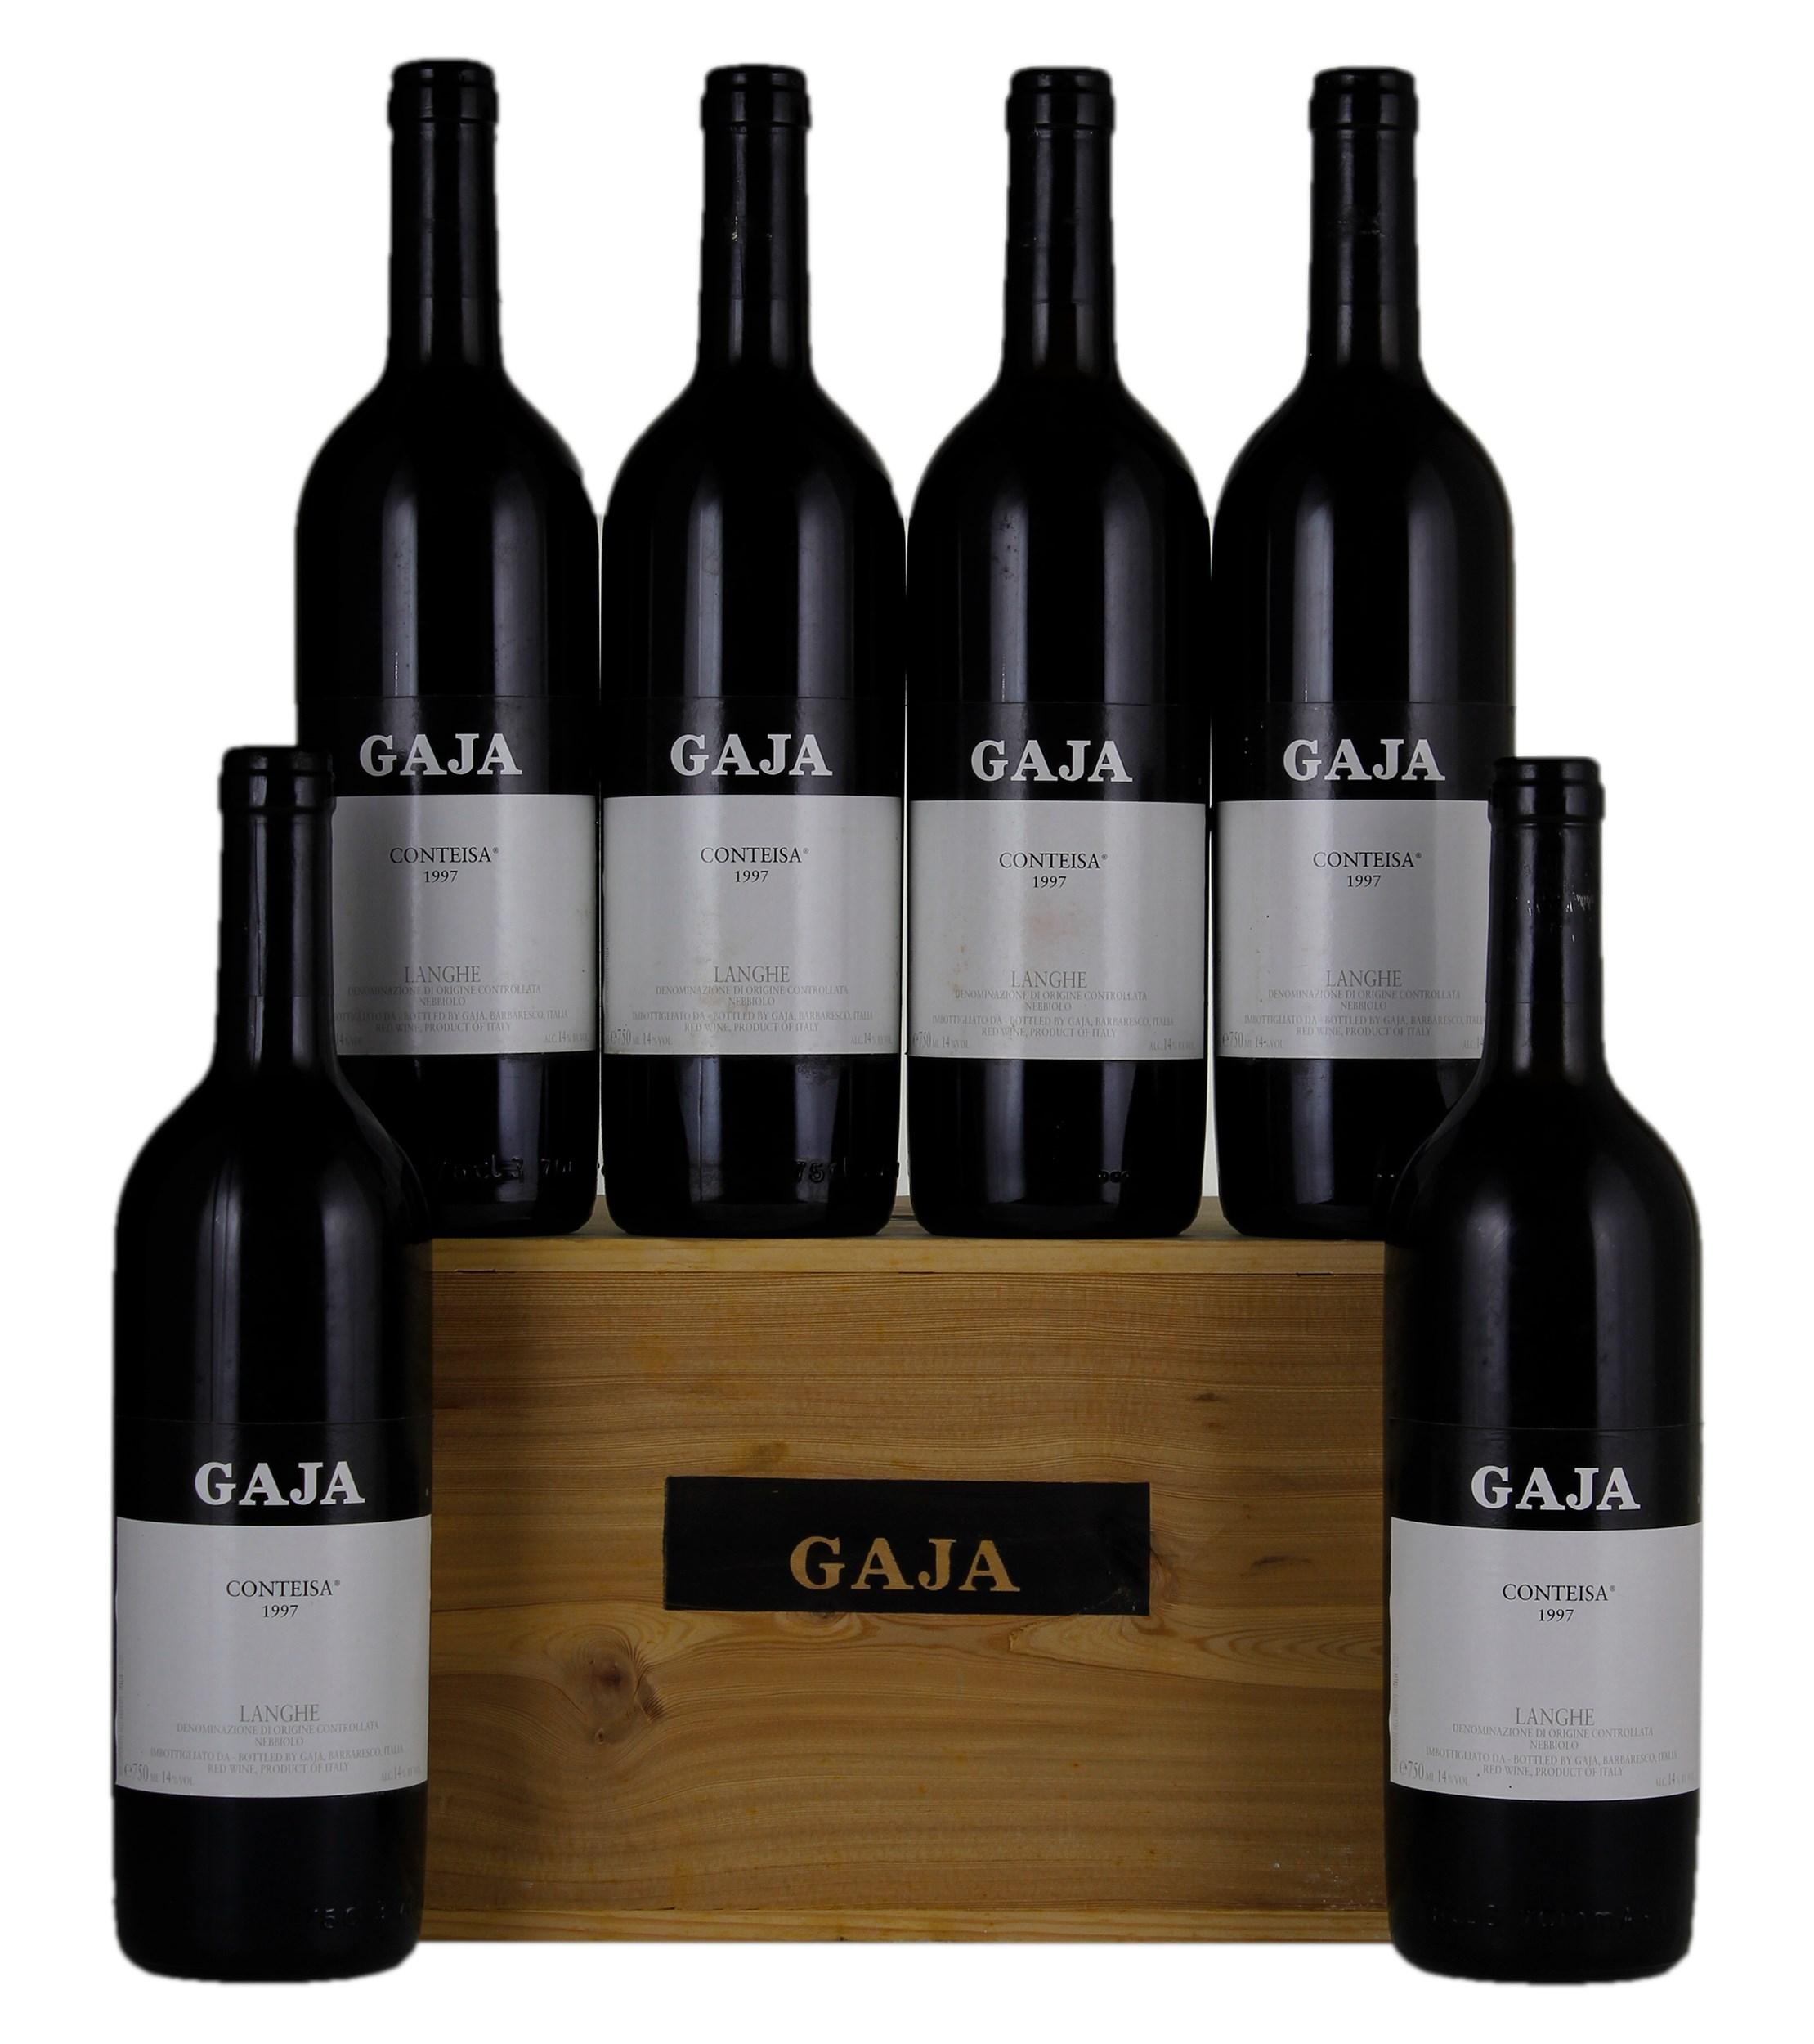 Gaja Langhe Conteisa 1997, Red Wine from Italy - WineBid